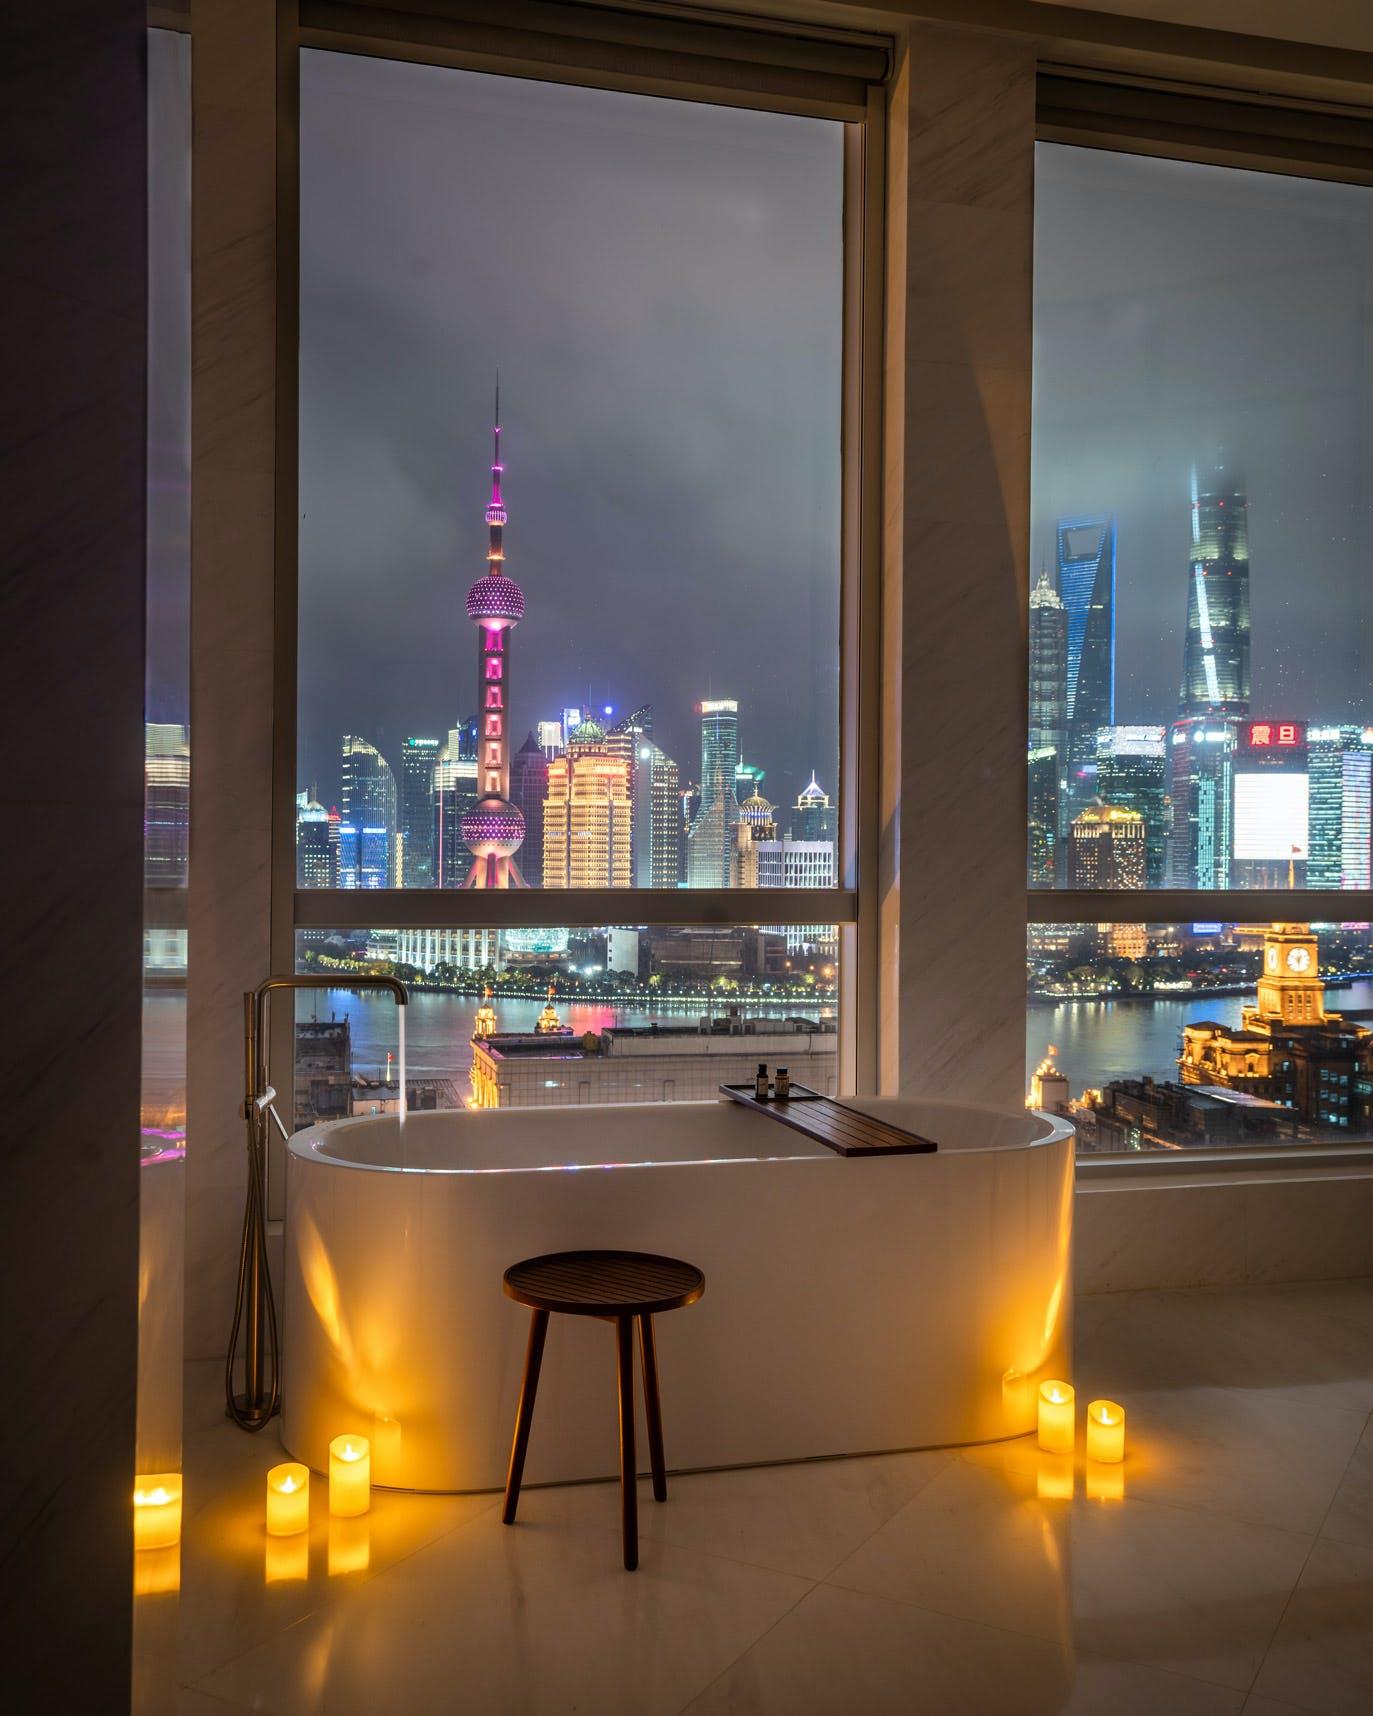 Shanghai EDITION Hotel Penthouse Bathroom & Pudong Skyline